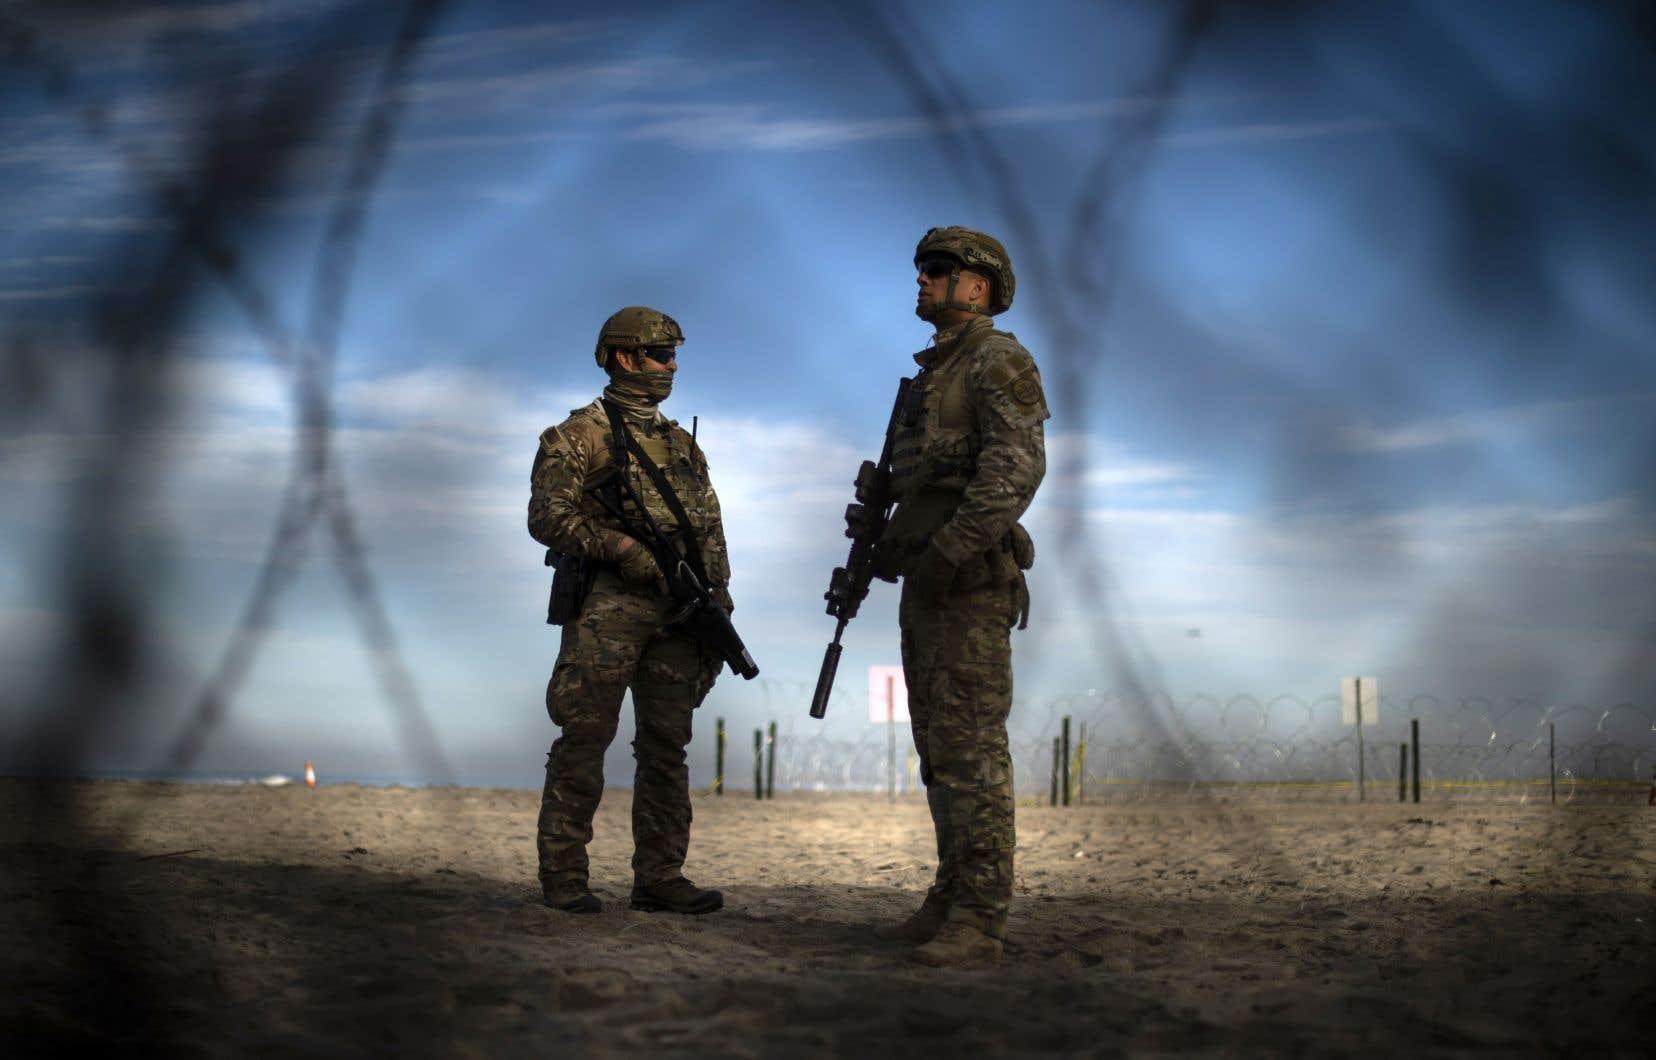 En plus de ces 5900 soldats, environ 2100 réservistes de la Garde nationale avaient déjà été déployés, portant la présence militaire à environ 8000 personnes au total.